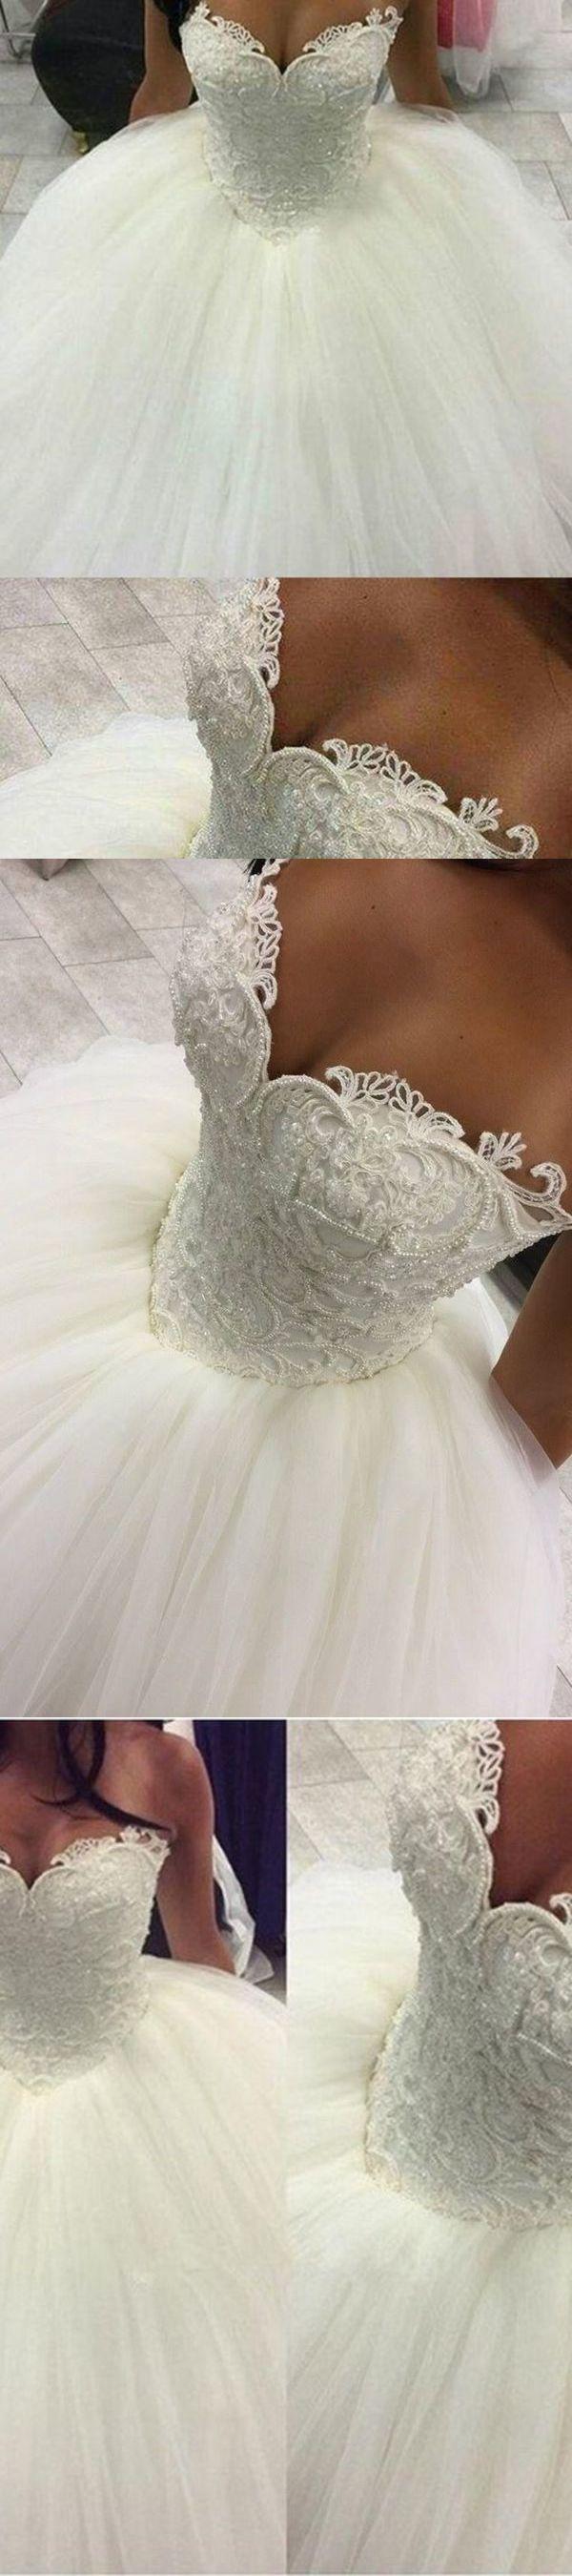 2019 Neue Ankunfts-Schatz-Hochzeits-Kleider Tulle-Ballkleid schnüren sich oben